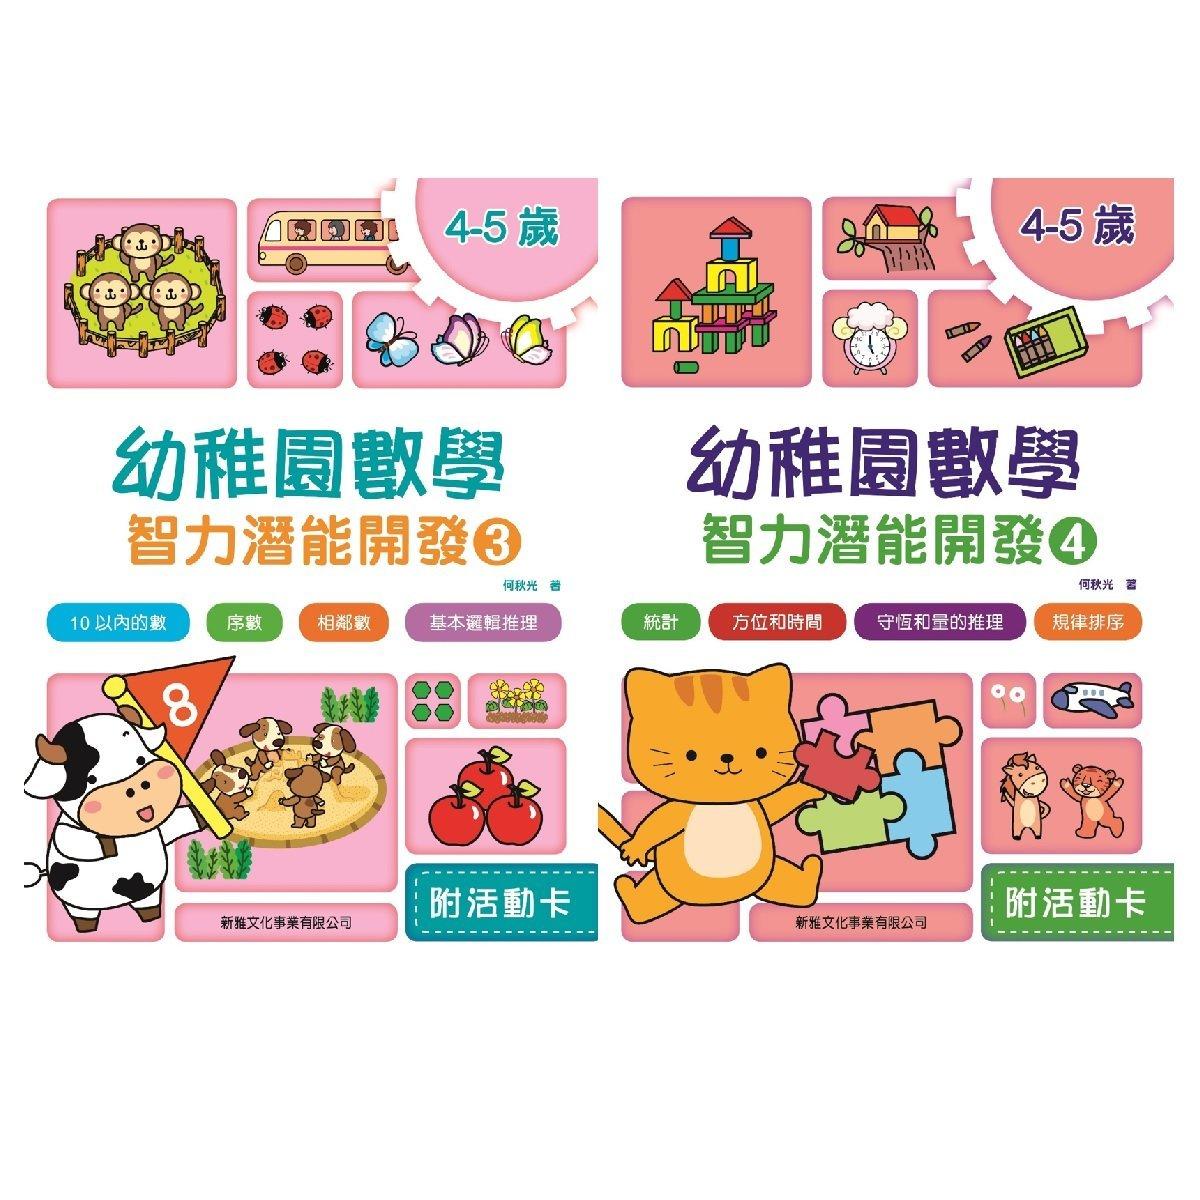 幼稚園數學智力潛能開發 (3), (4) 4-5歲 (一套2冊)